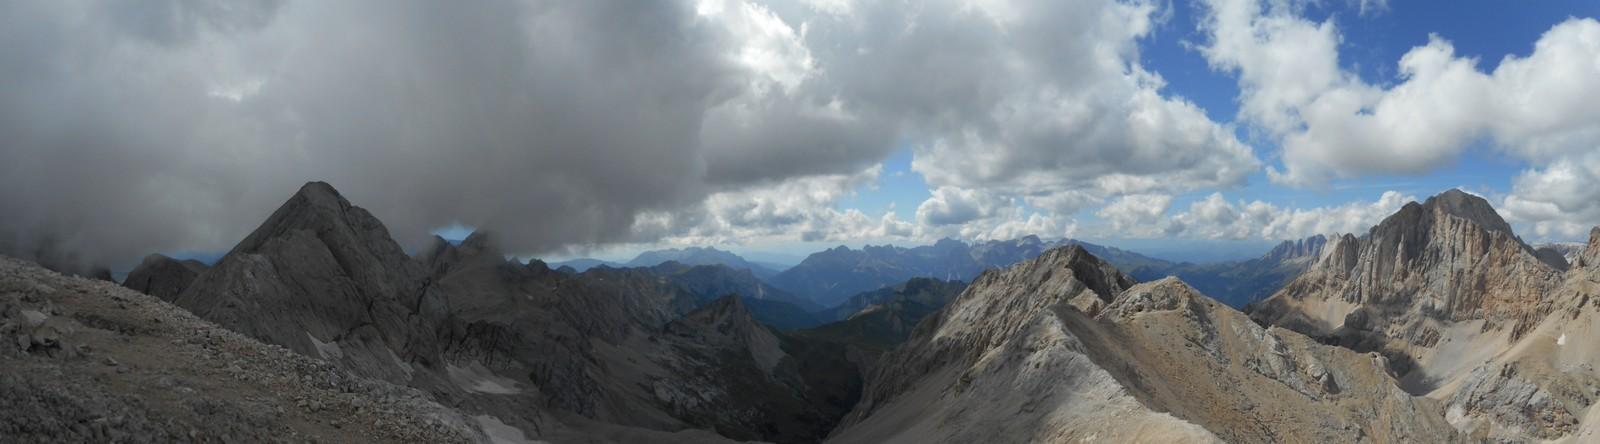 Le Val d'Ombretta (versant Est) depuis le sommet